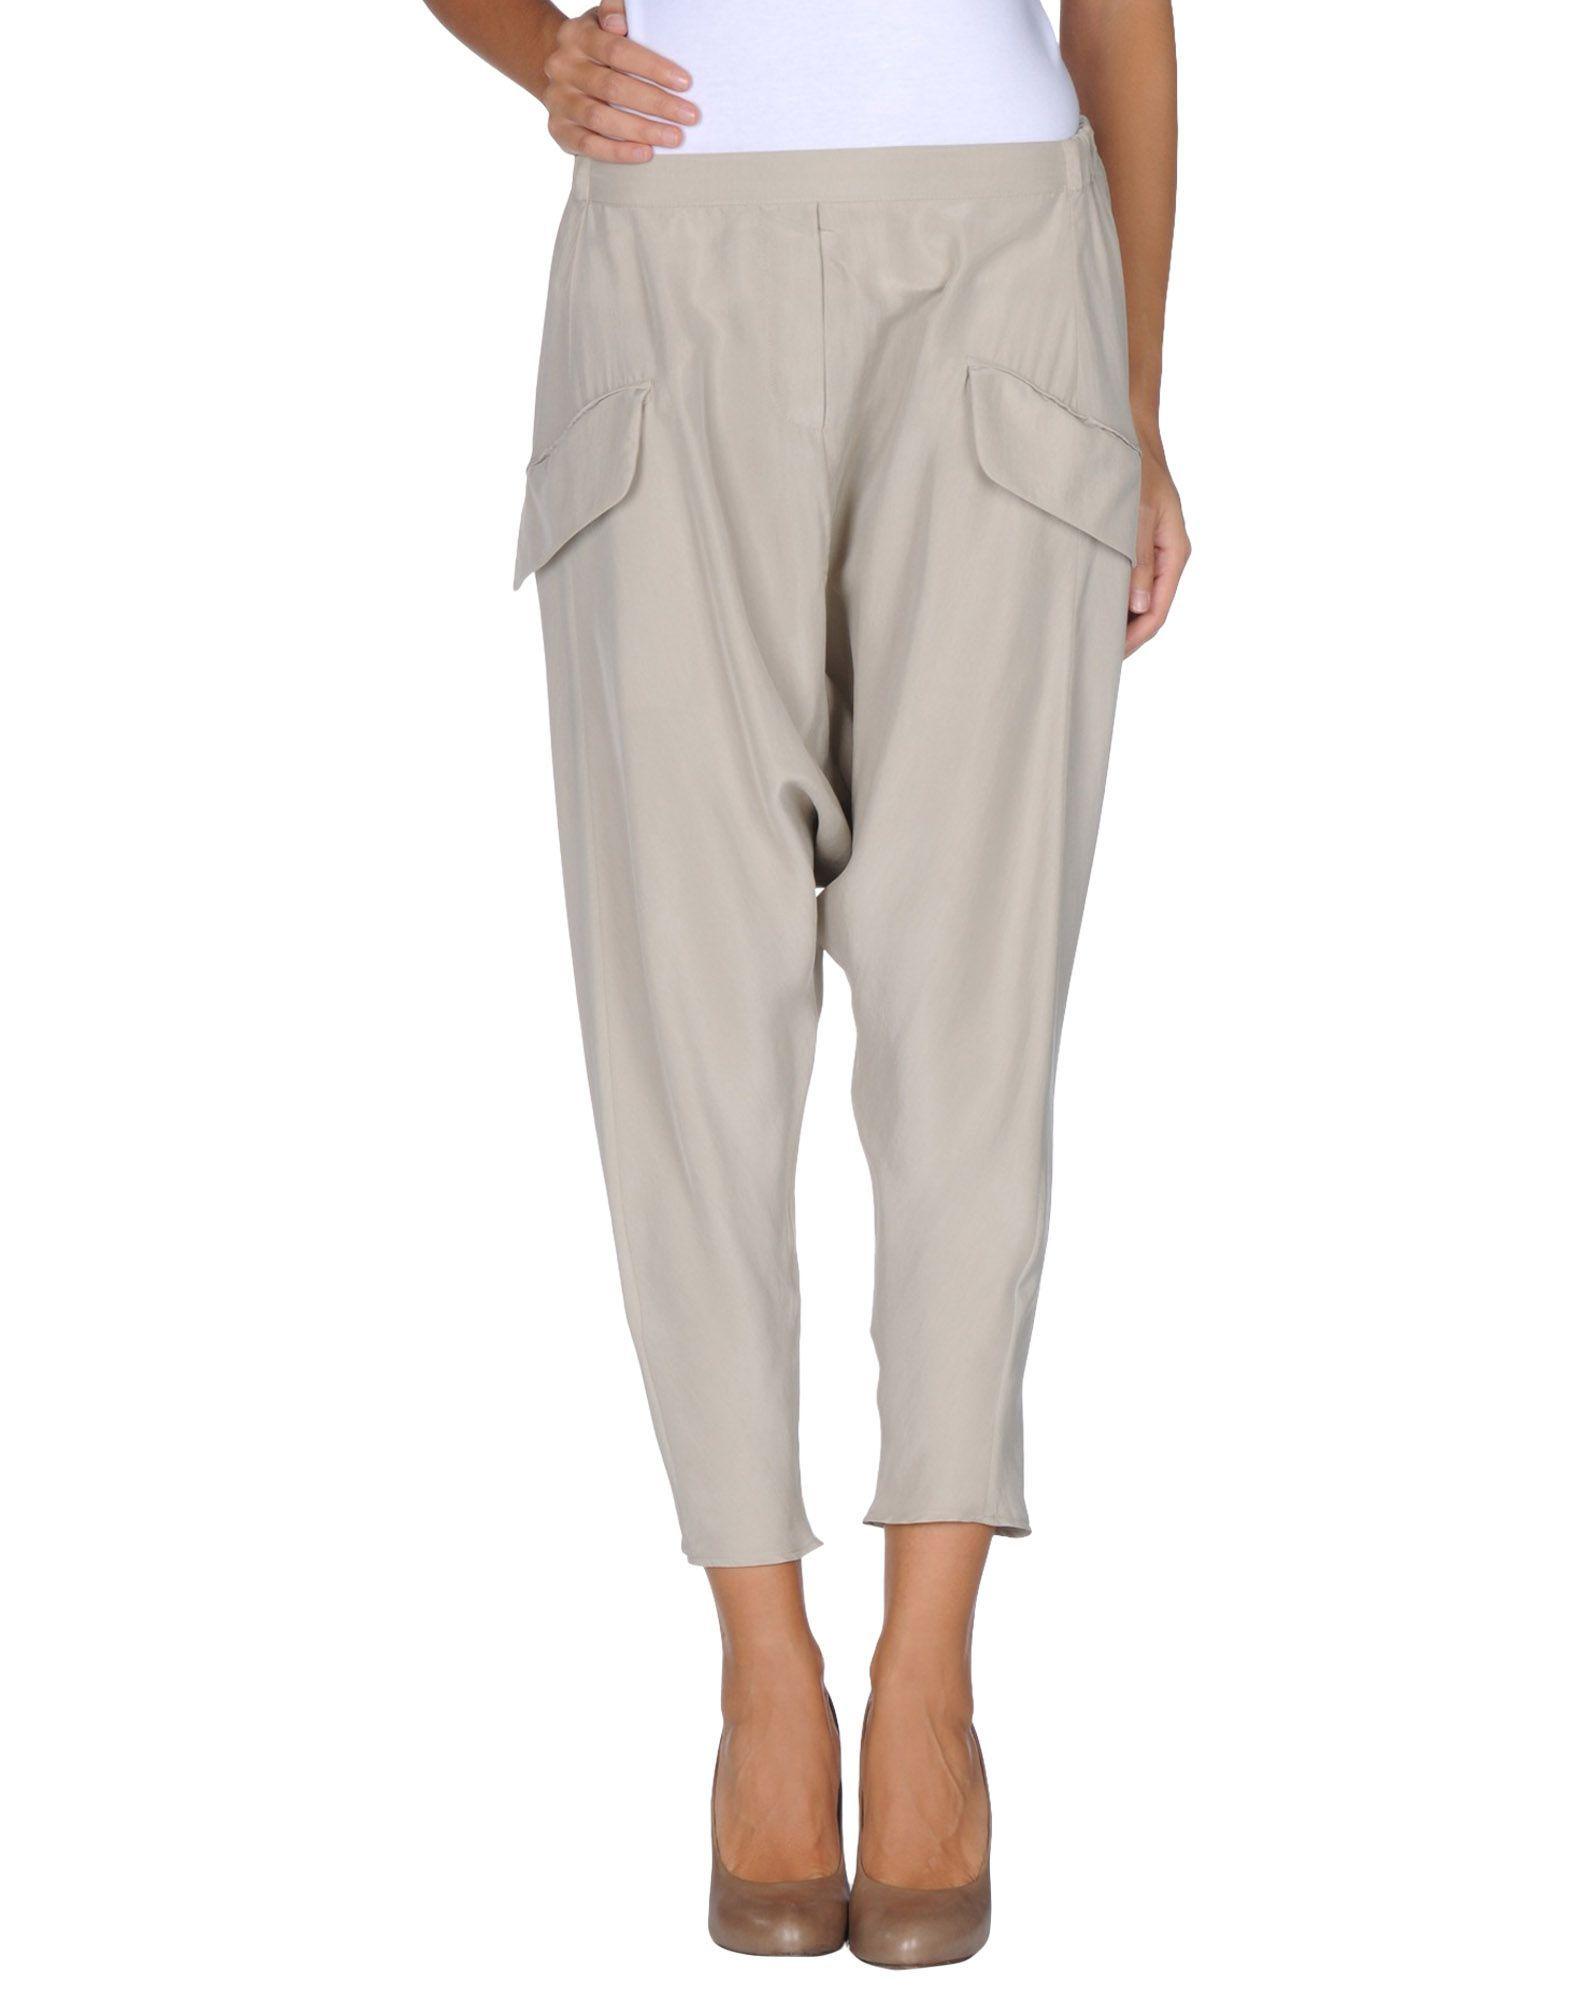 MM6 Maison Margiela Beige Silk Trousers